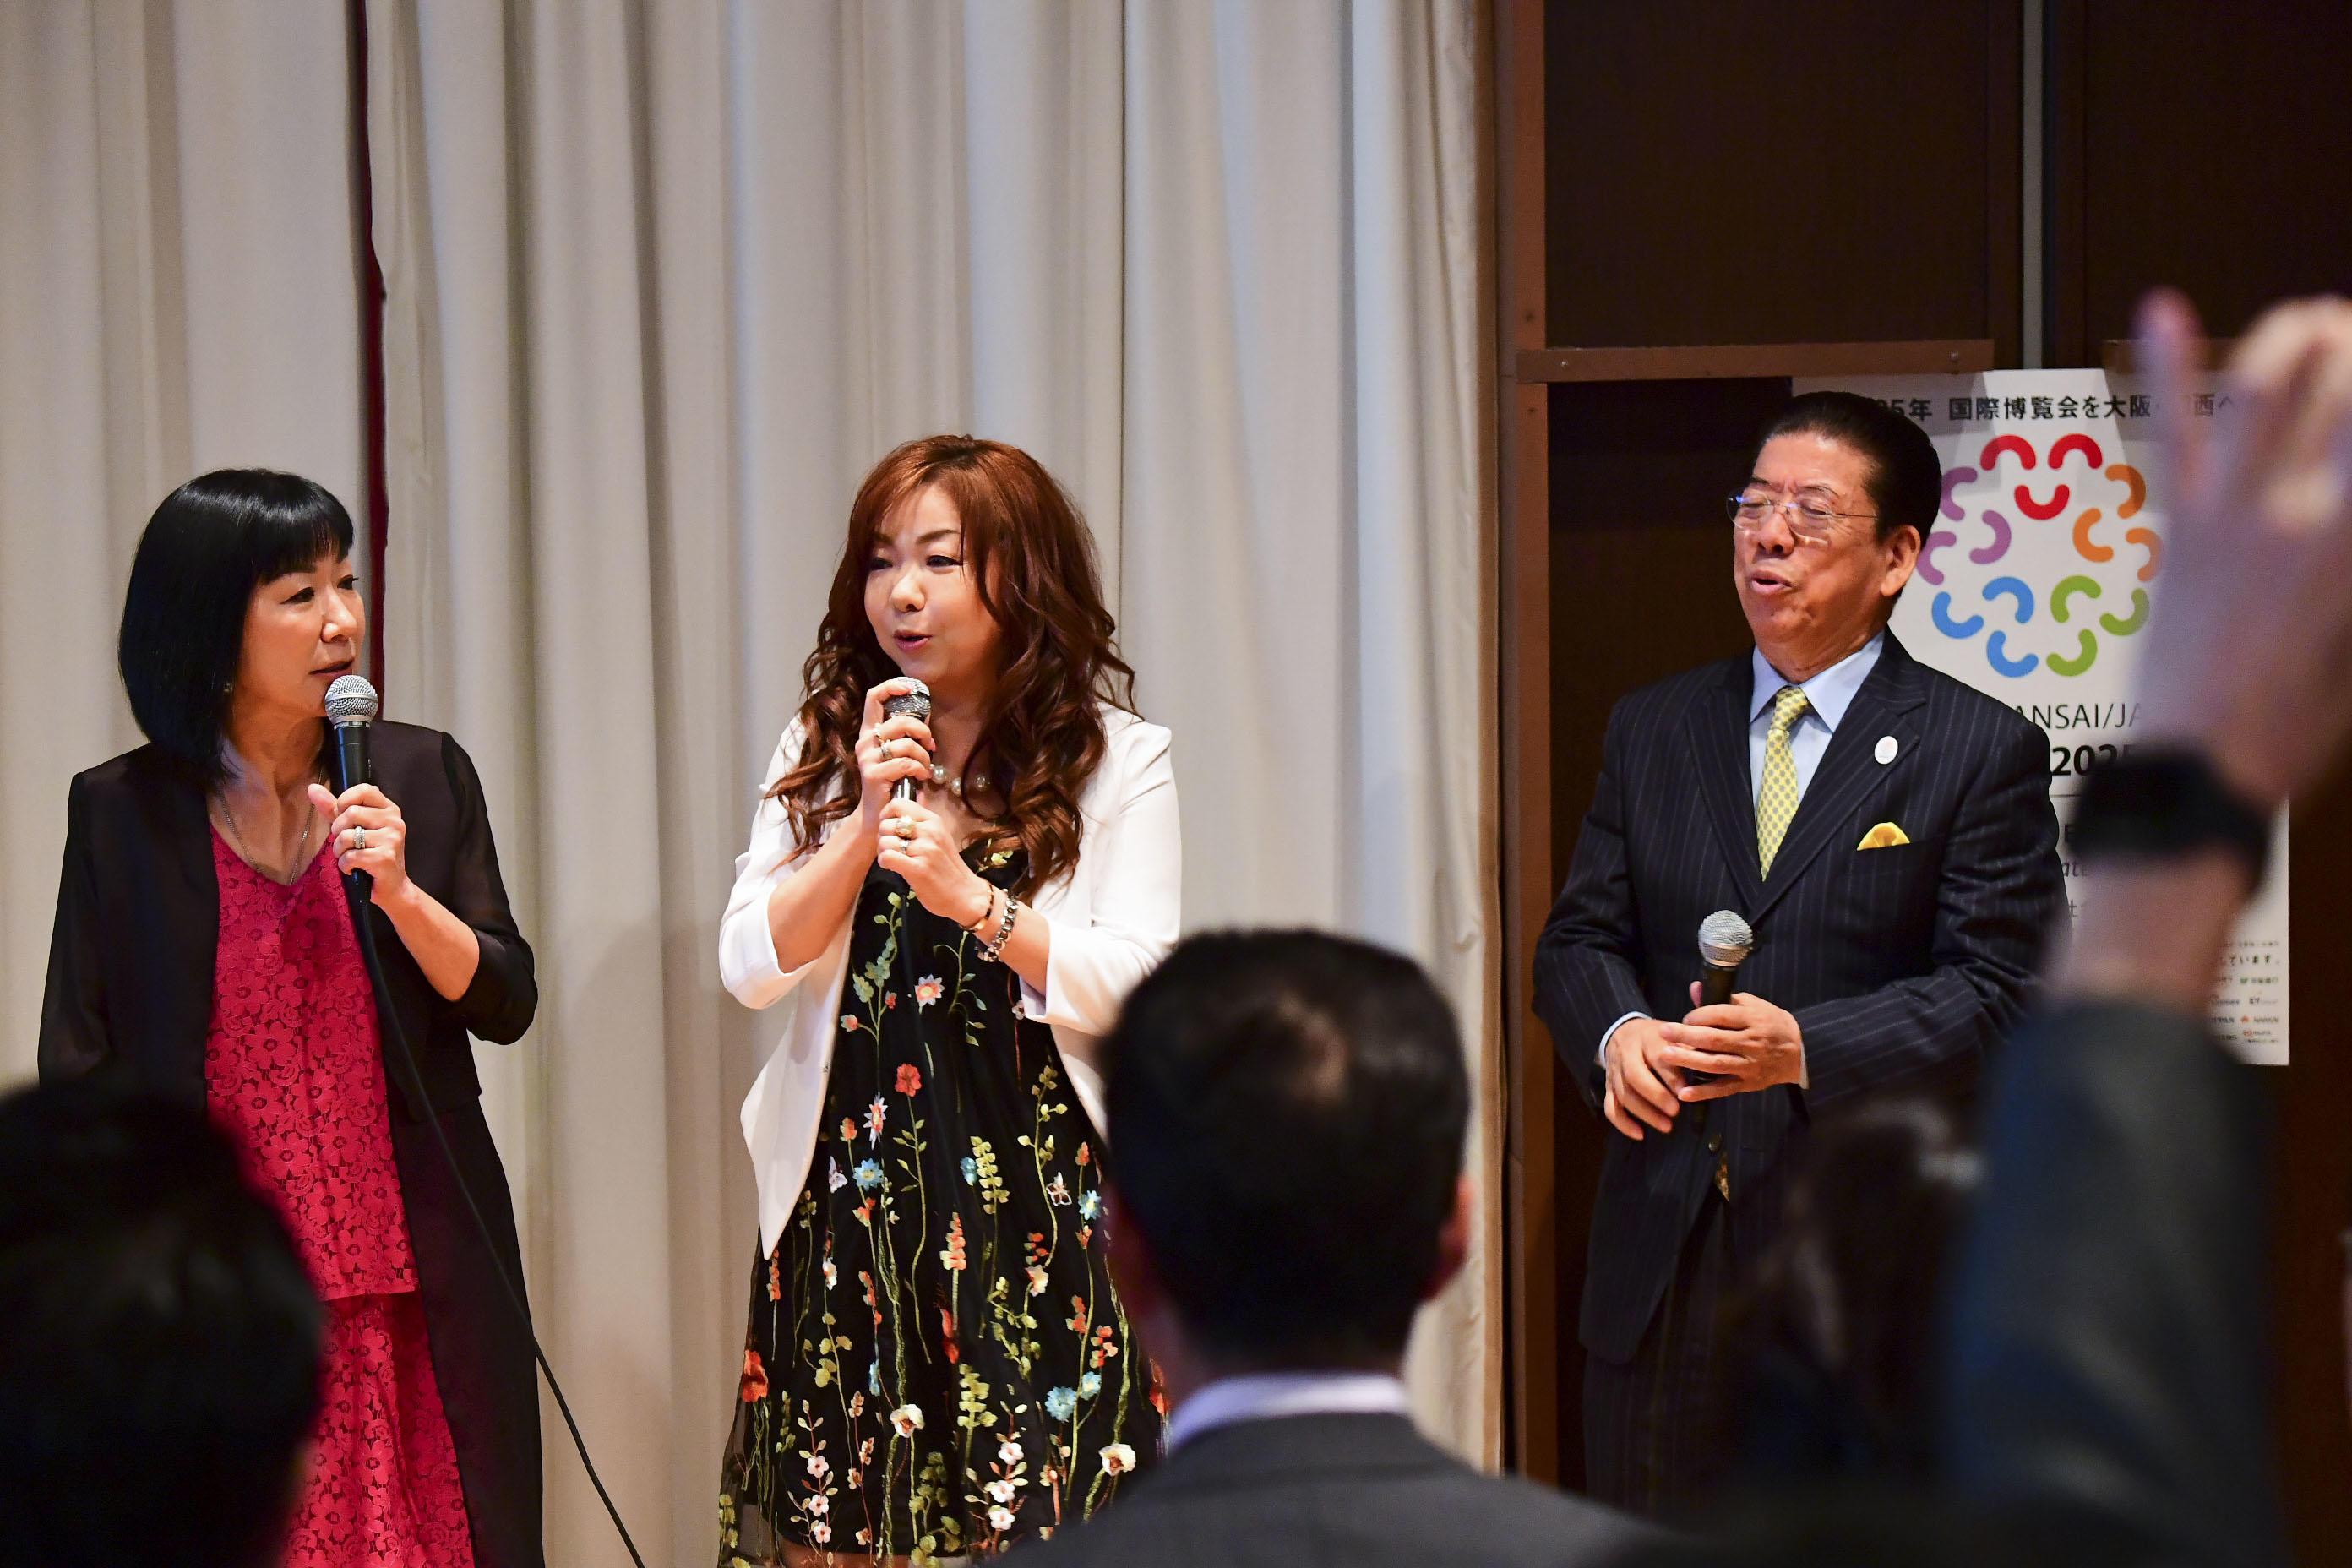 http://news.yoshimoto.co.jp/20170729012936-f07512f5a695f47b82616a5137d64f4c835c41bc.jpg